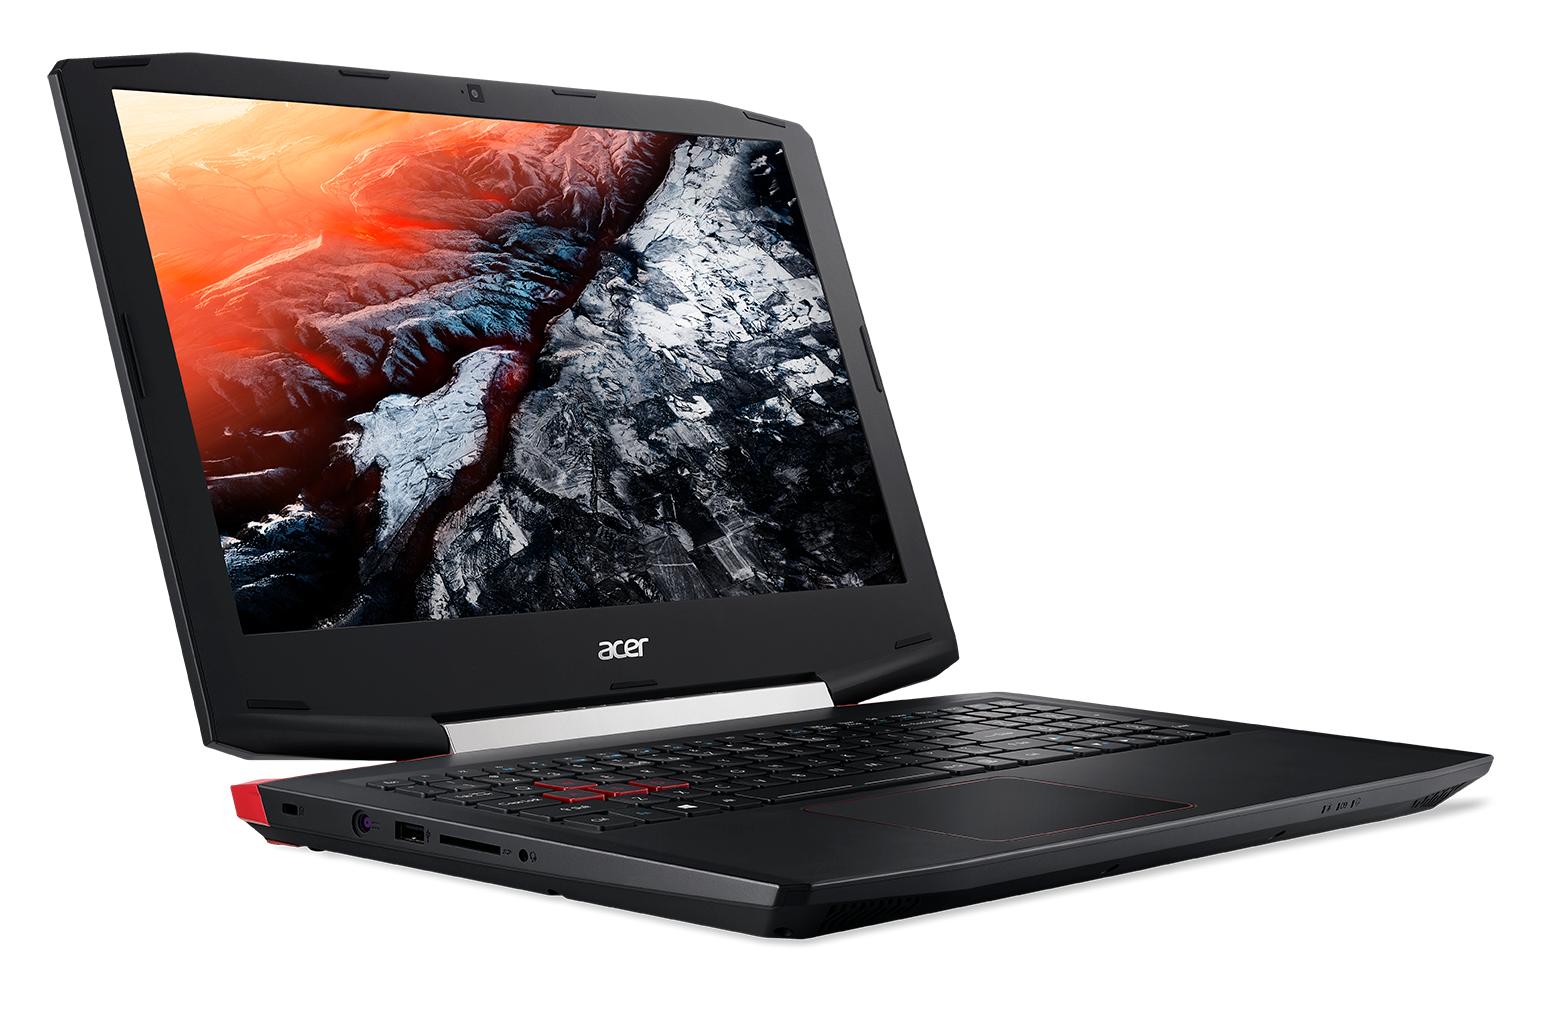 Обновлённый игровой ноутбук Acer Predator 17 Xполучил самую производительную мобильную видеокарту